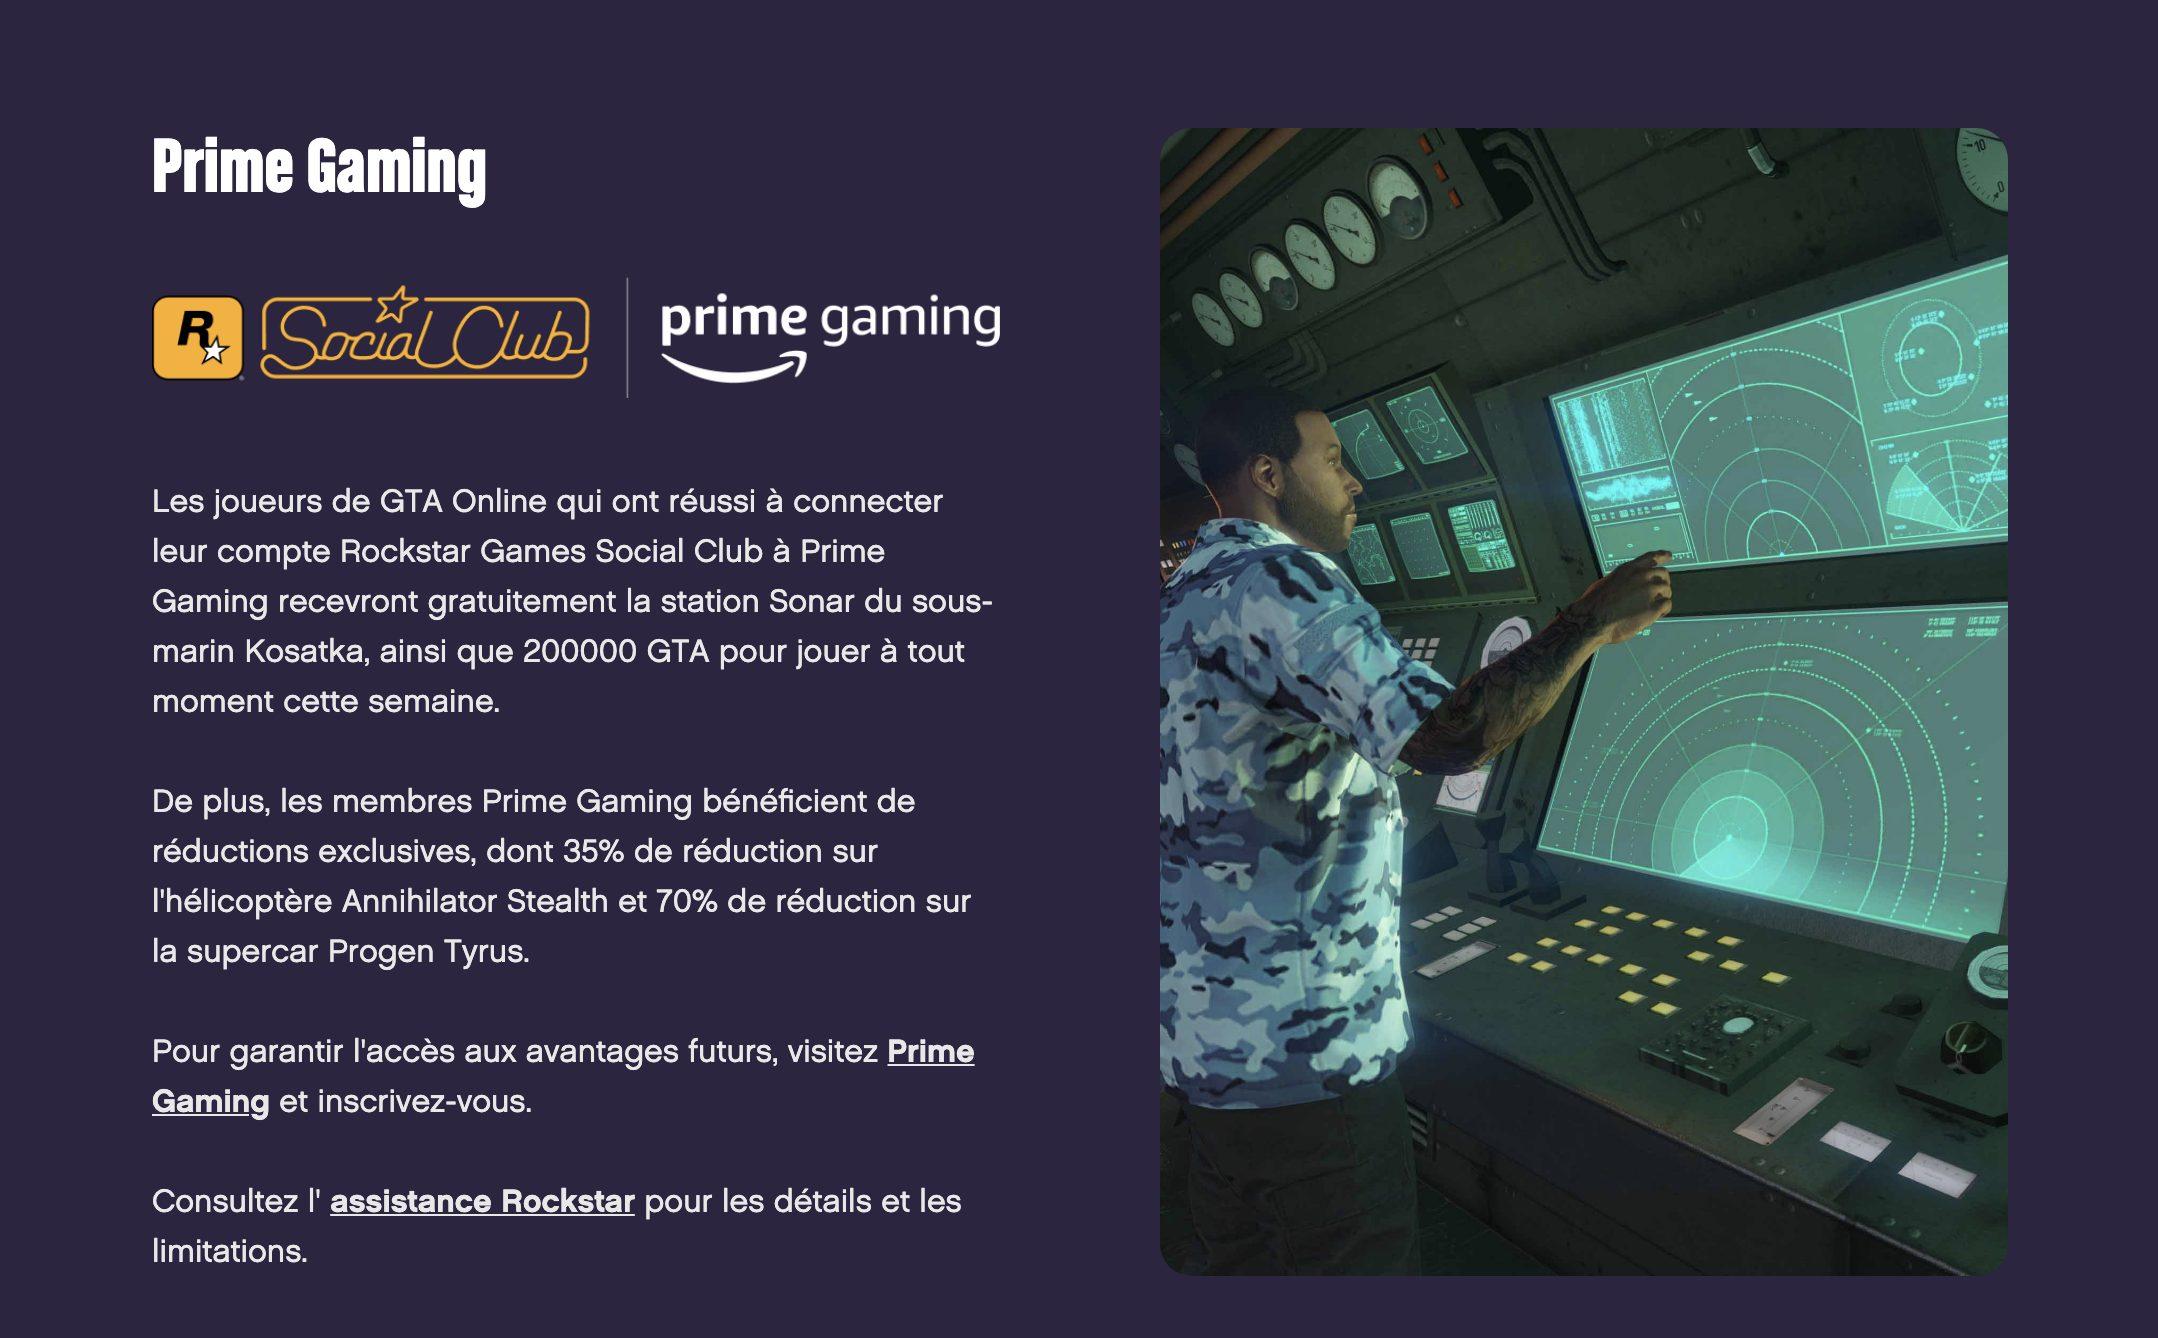 Prime Gaming GTA Online Février 2021